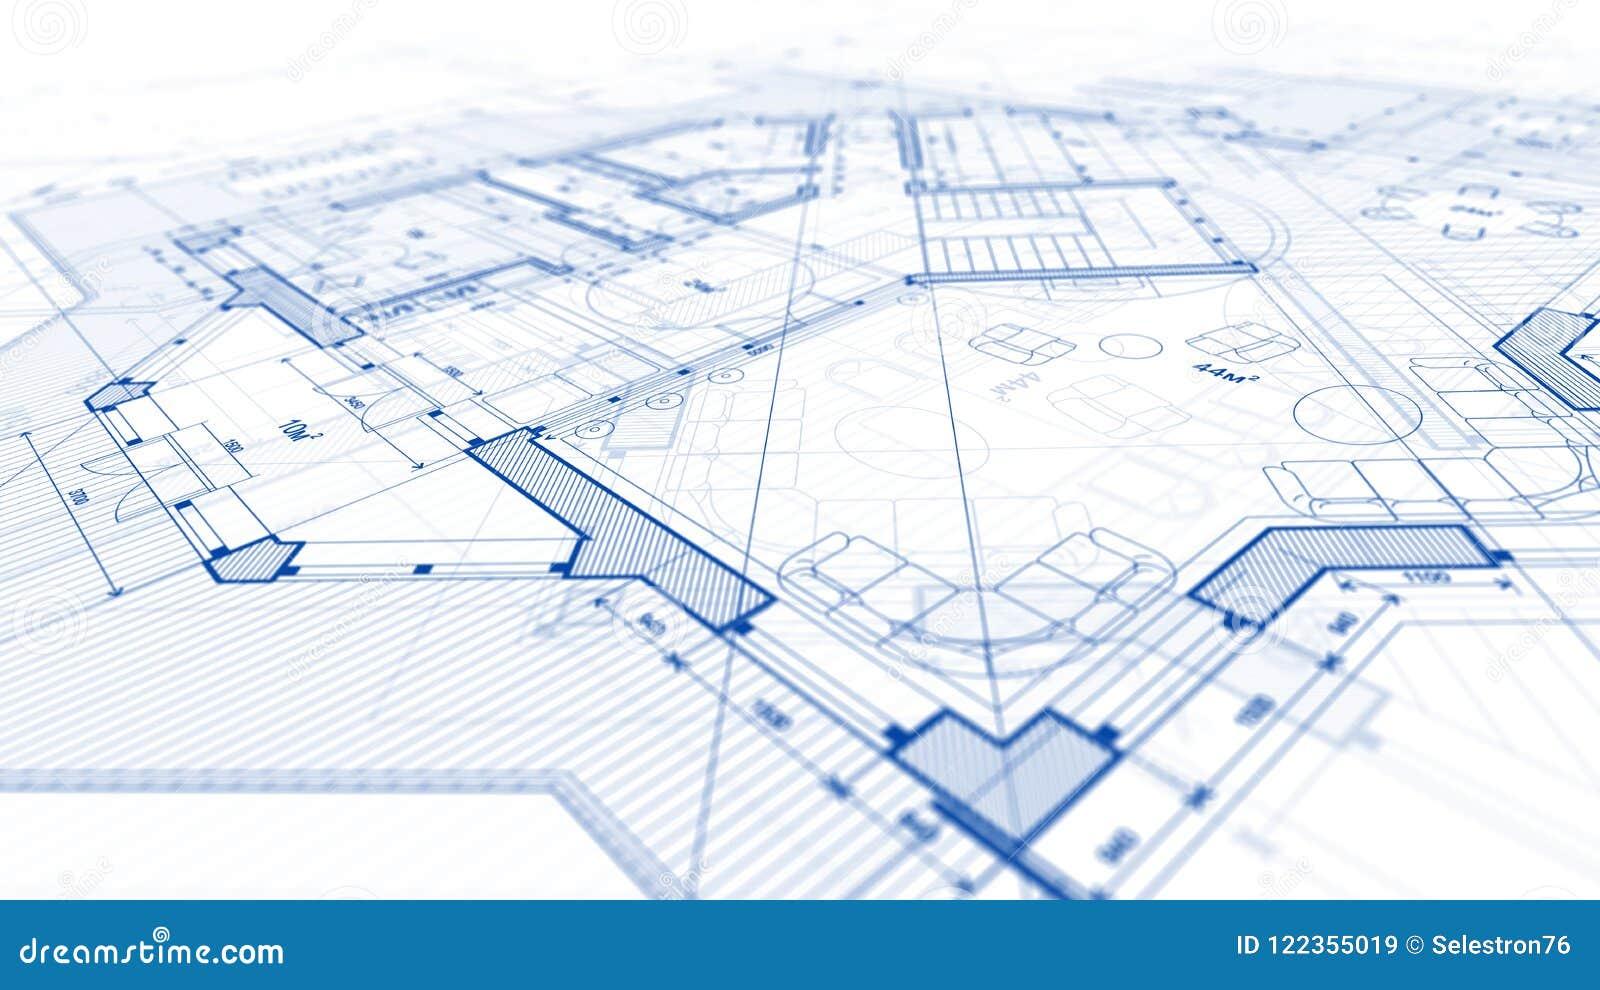 Arkitekturdesign: ritningplan - illustration av en planändring